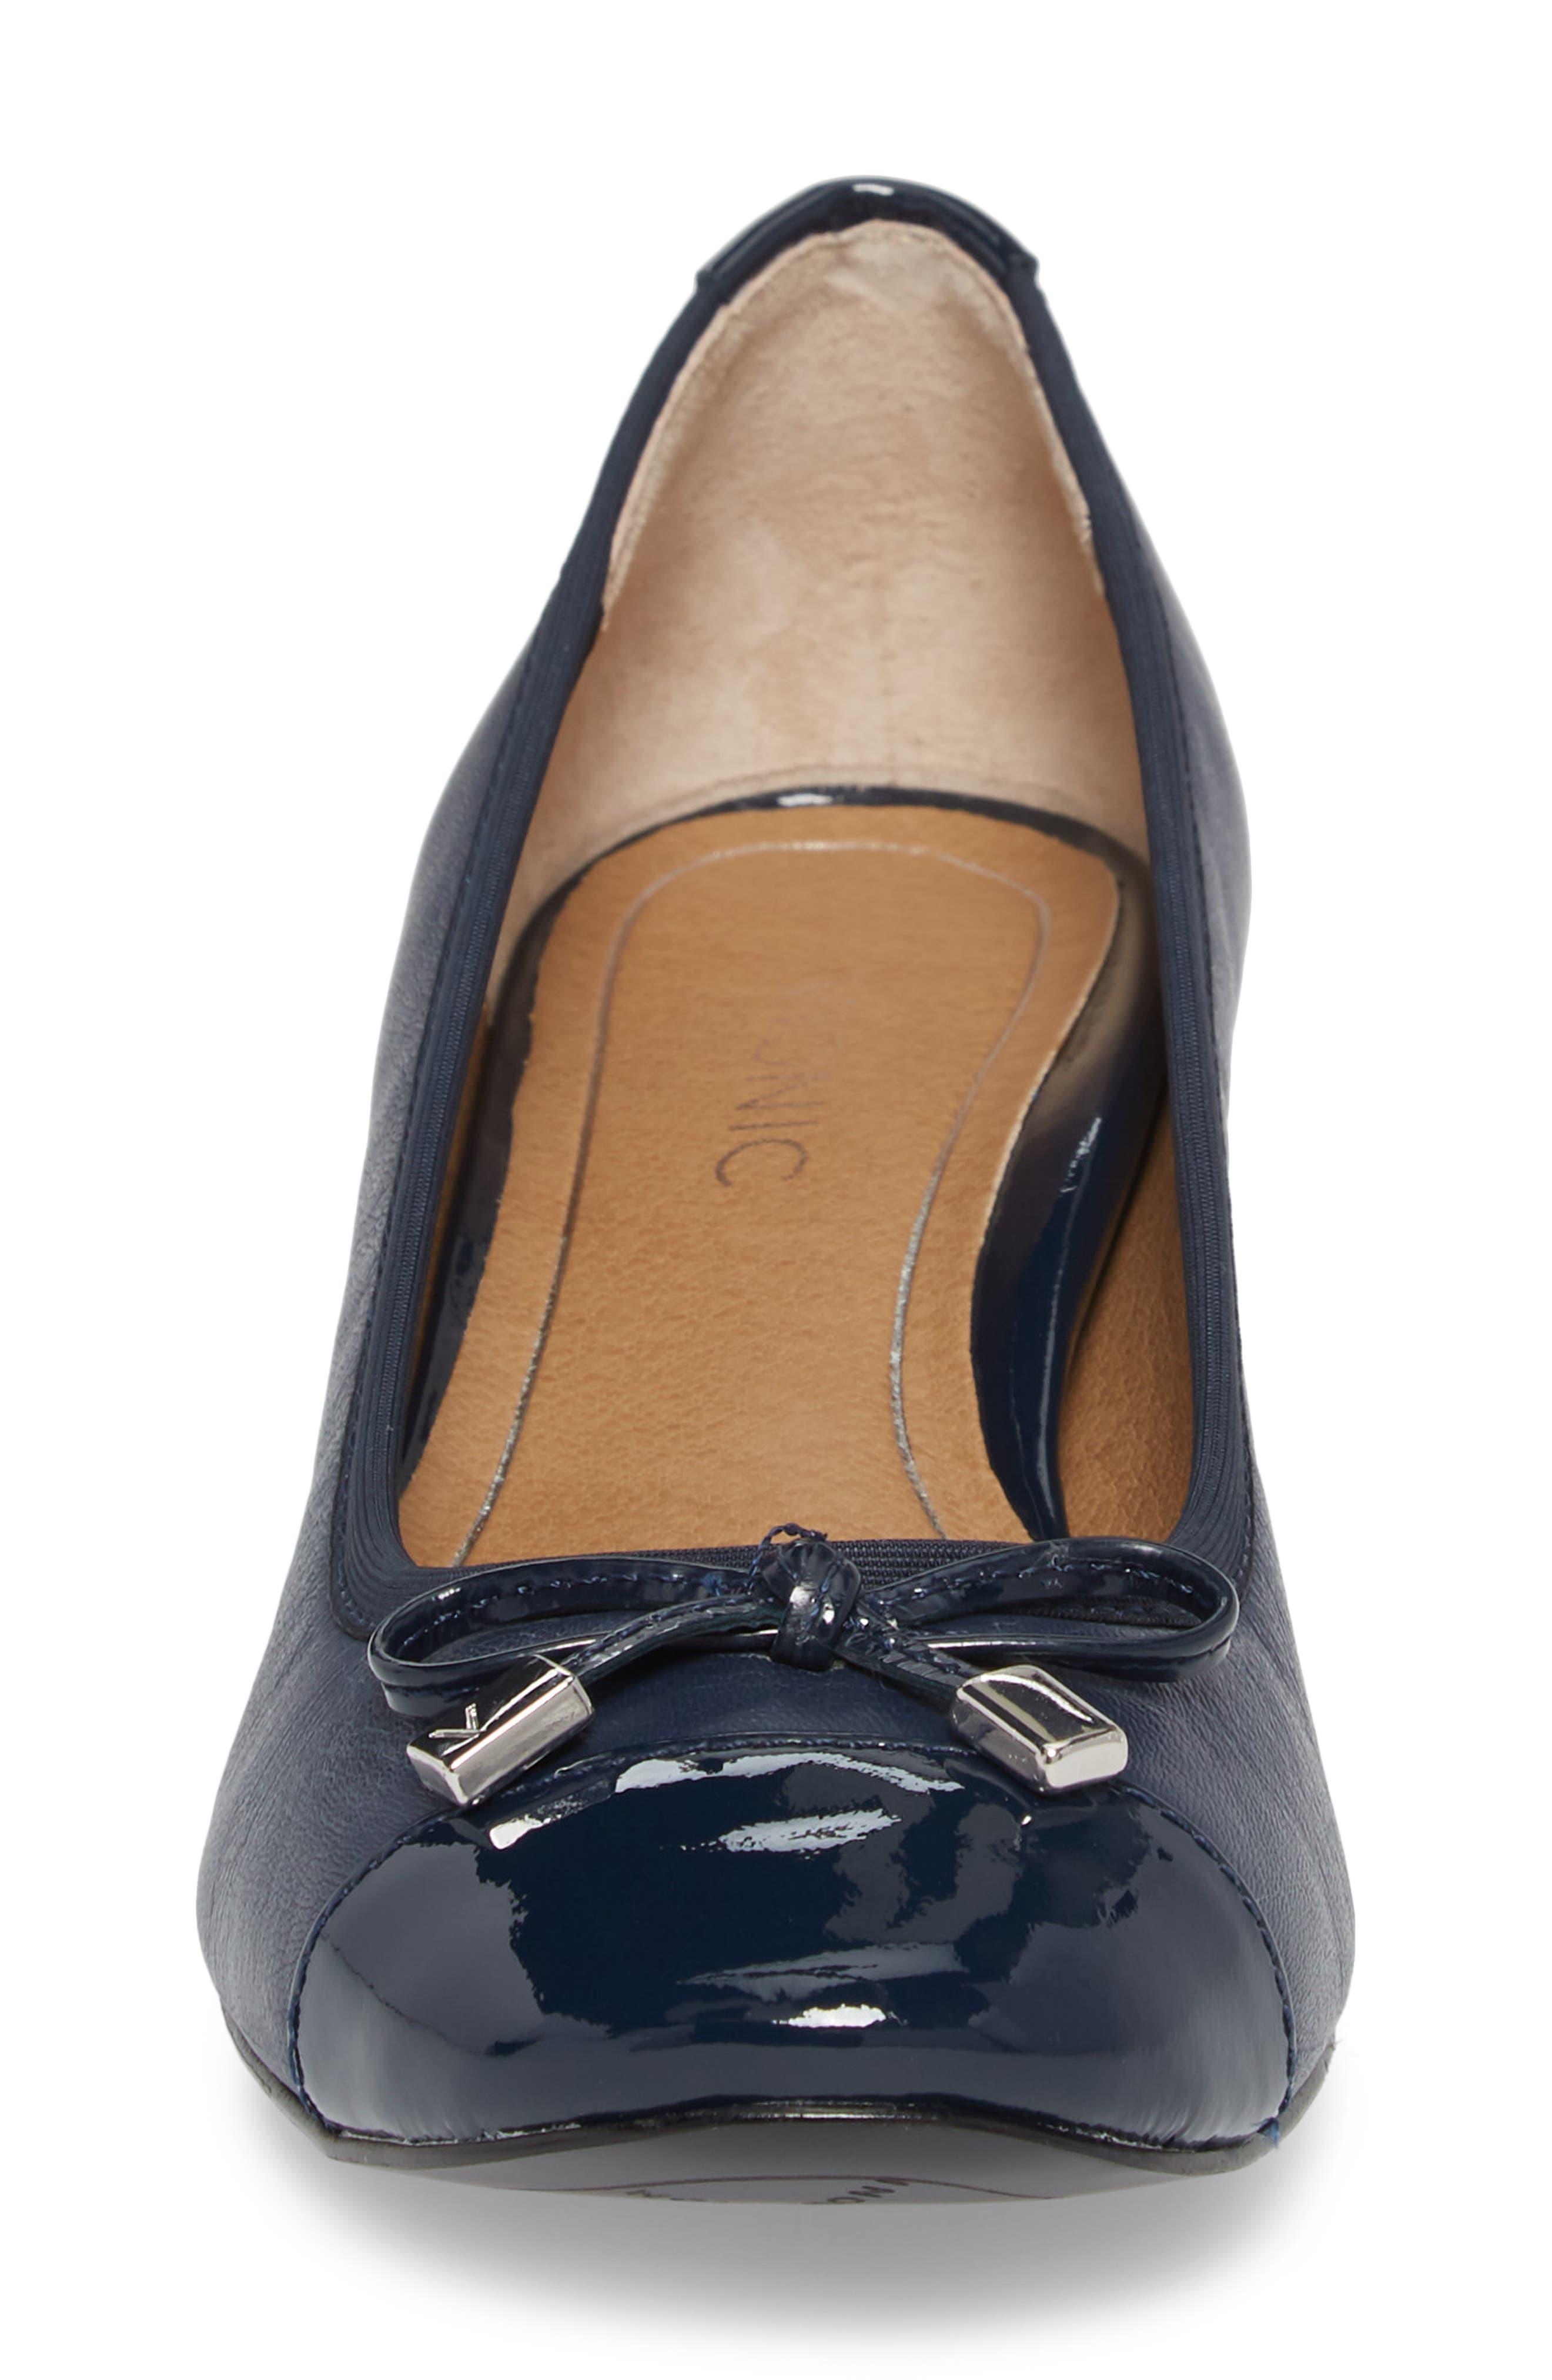 Daphne Cap Toe Pump,                             Alternate thumbnail 4, color,                             Navy Leather